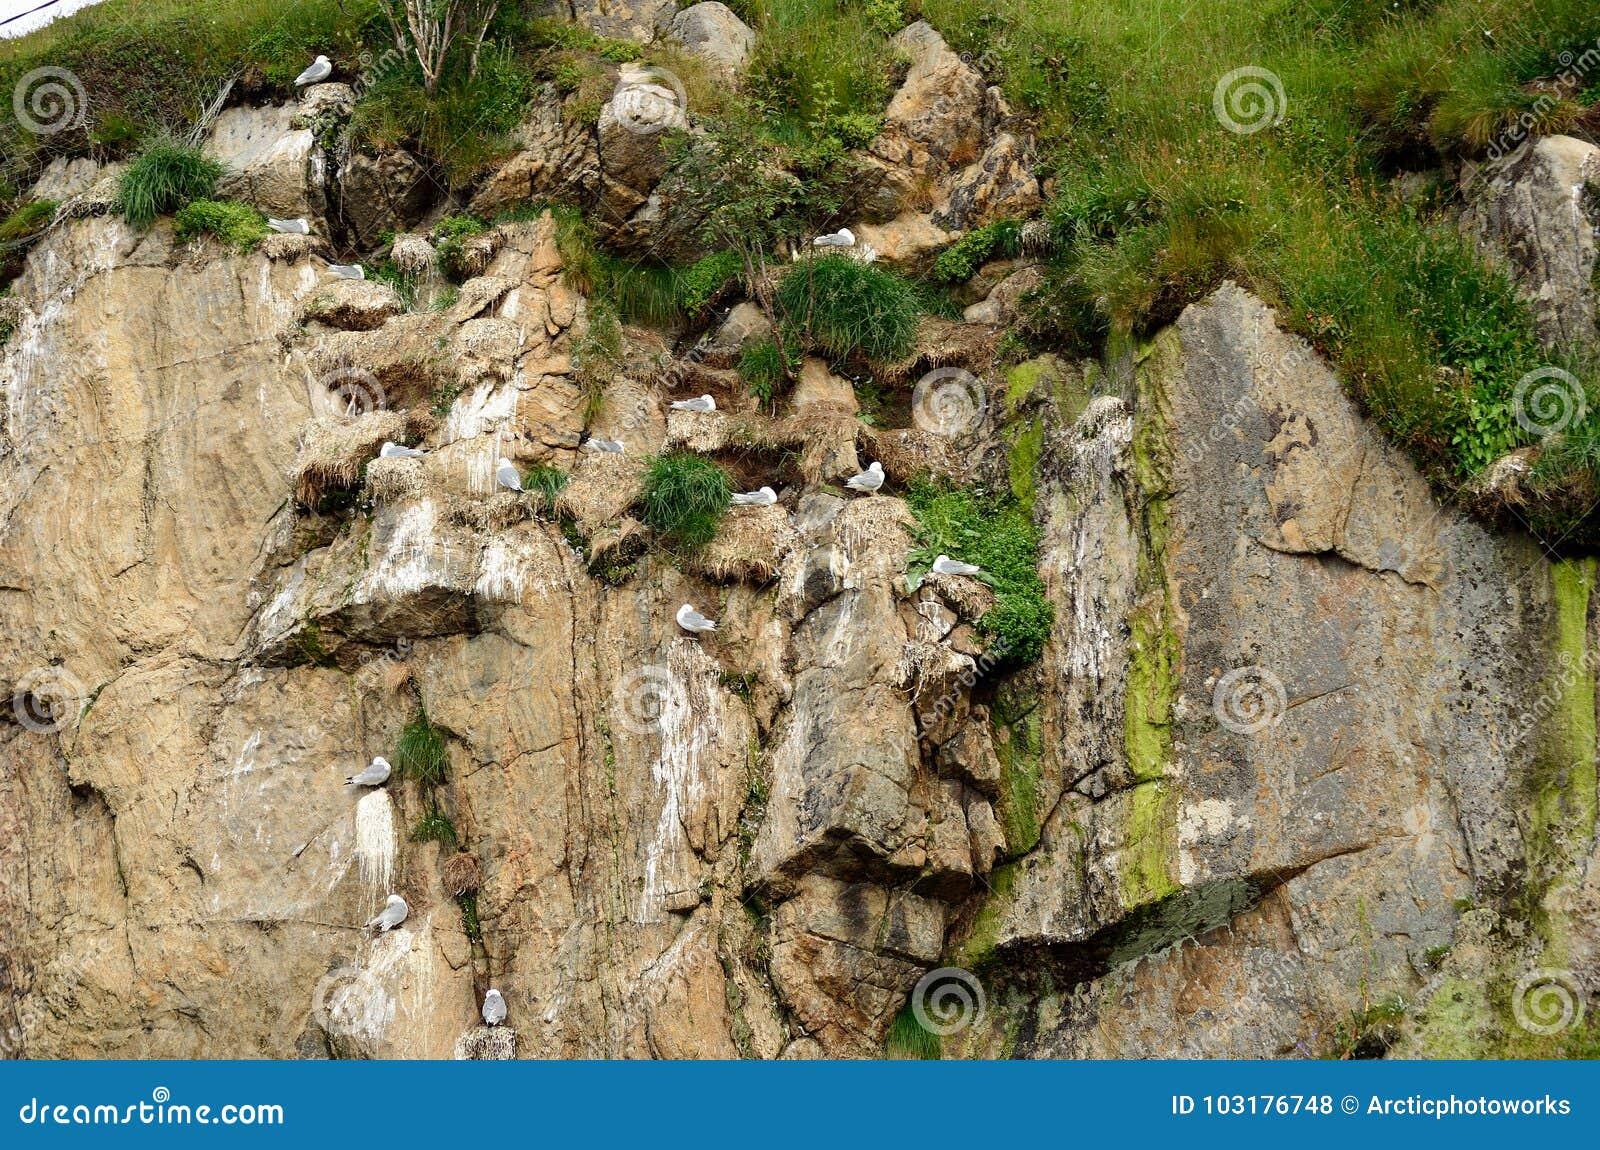 Black-legged kittiwake birds on nesting cliffside in summer